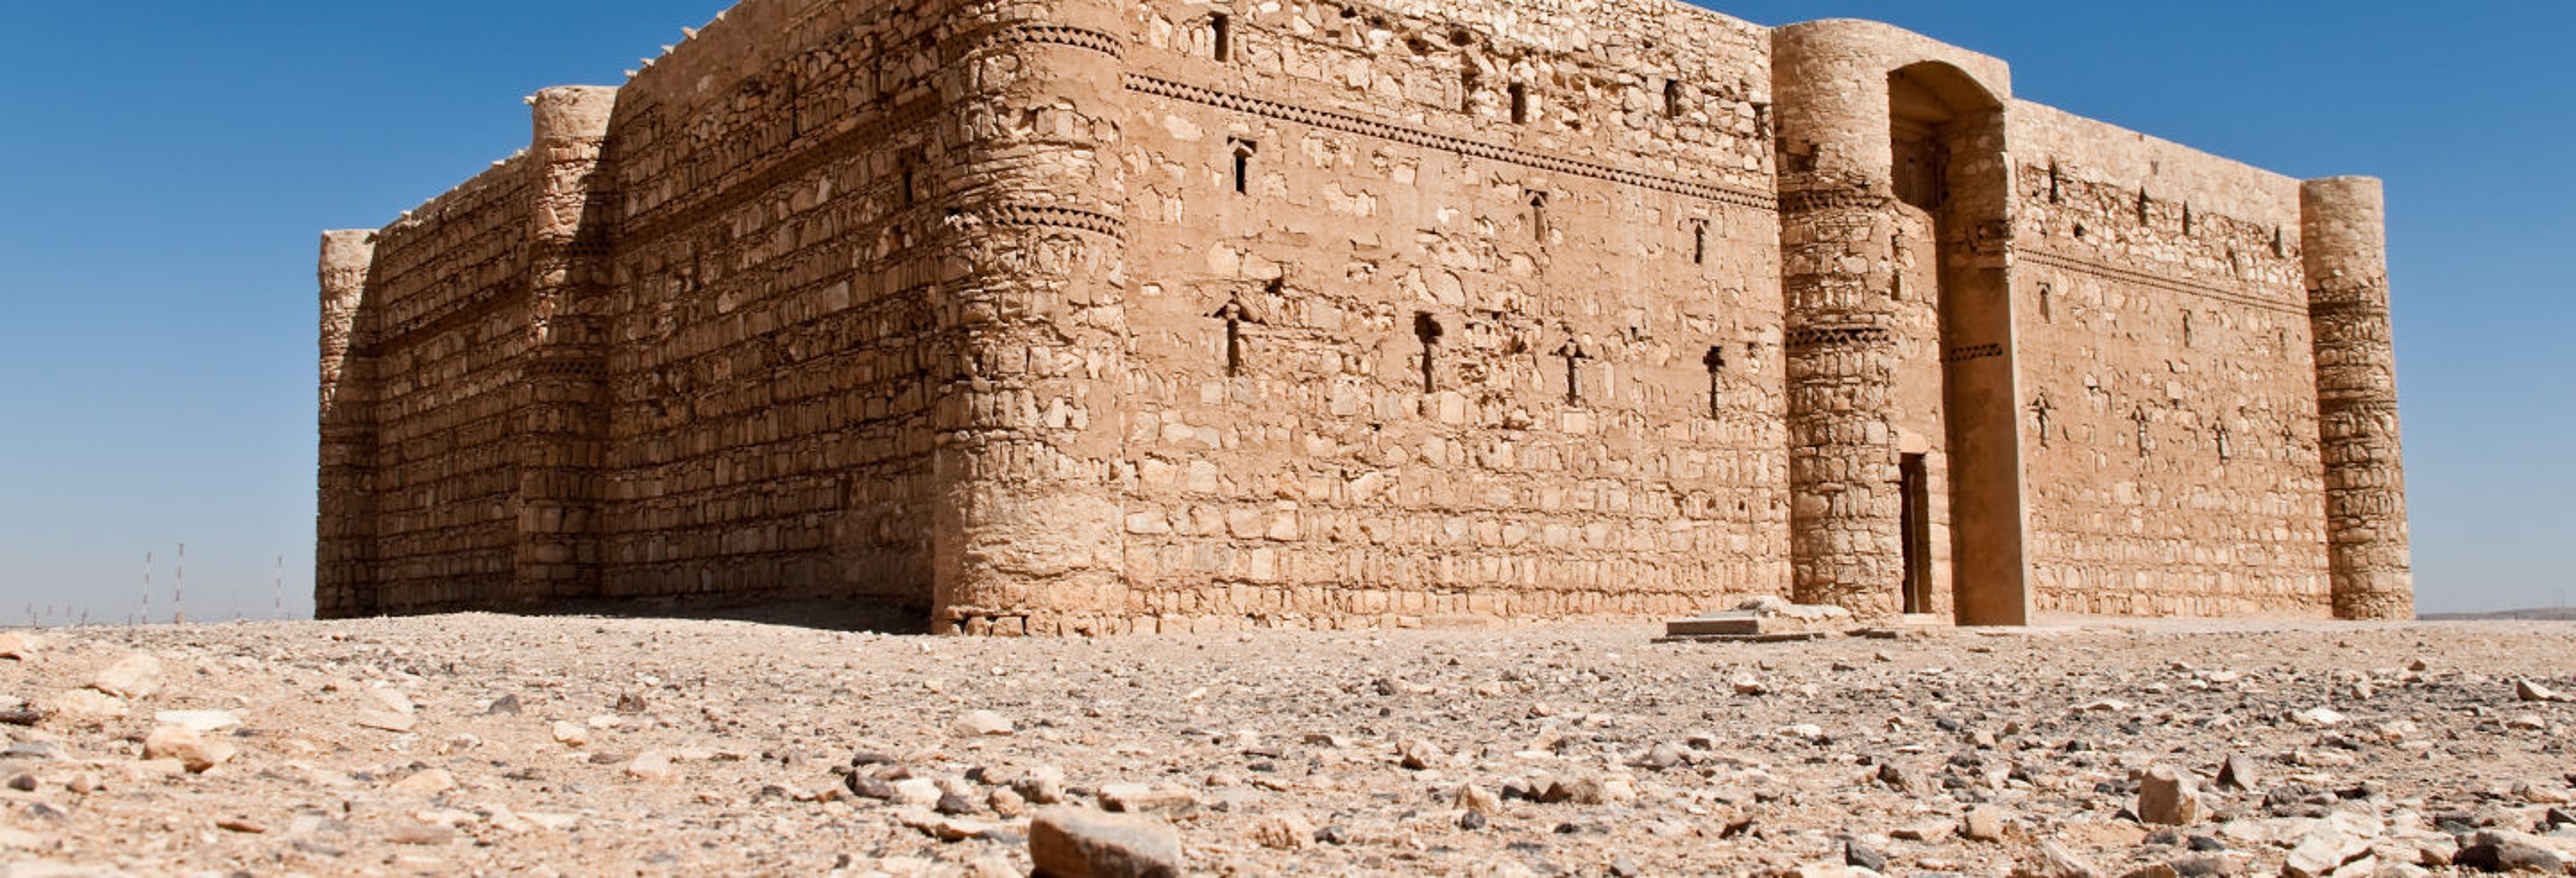 Excursão aos Castelos do Deserto e Mar Morto